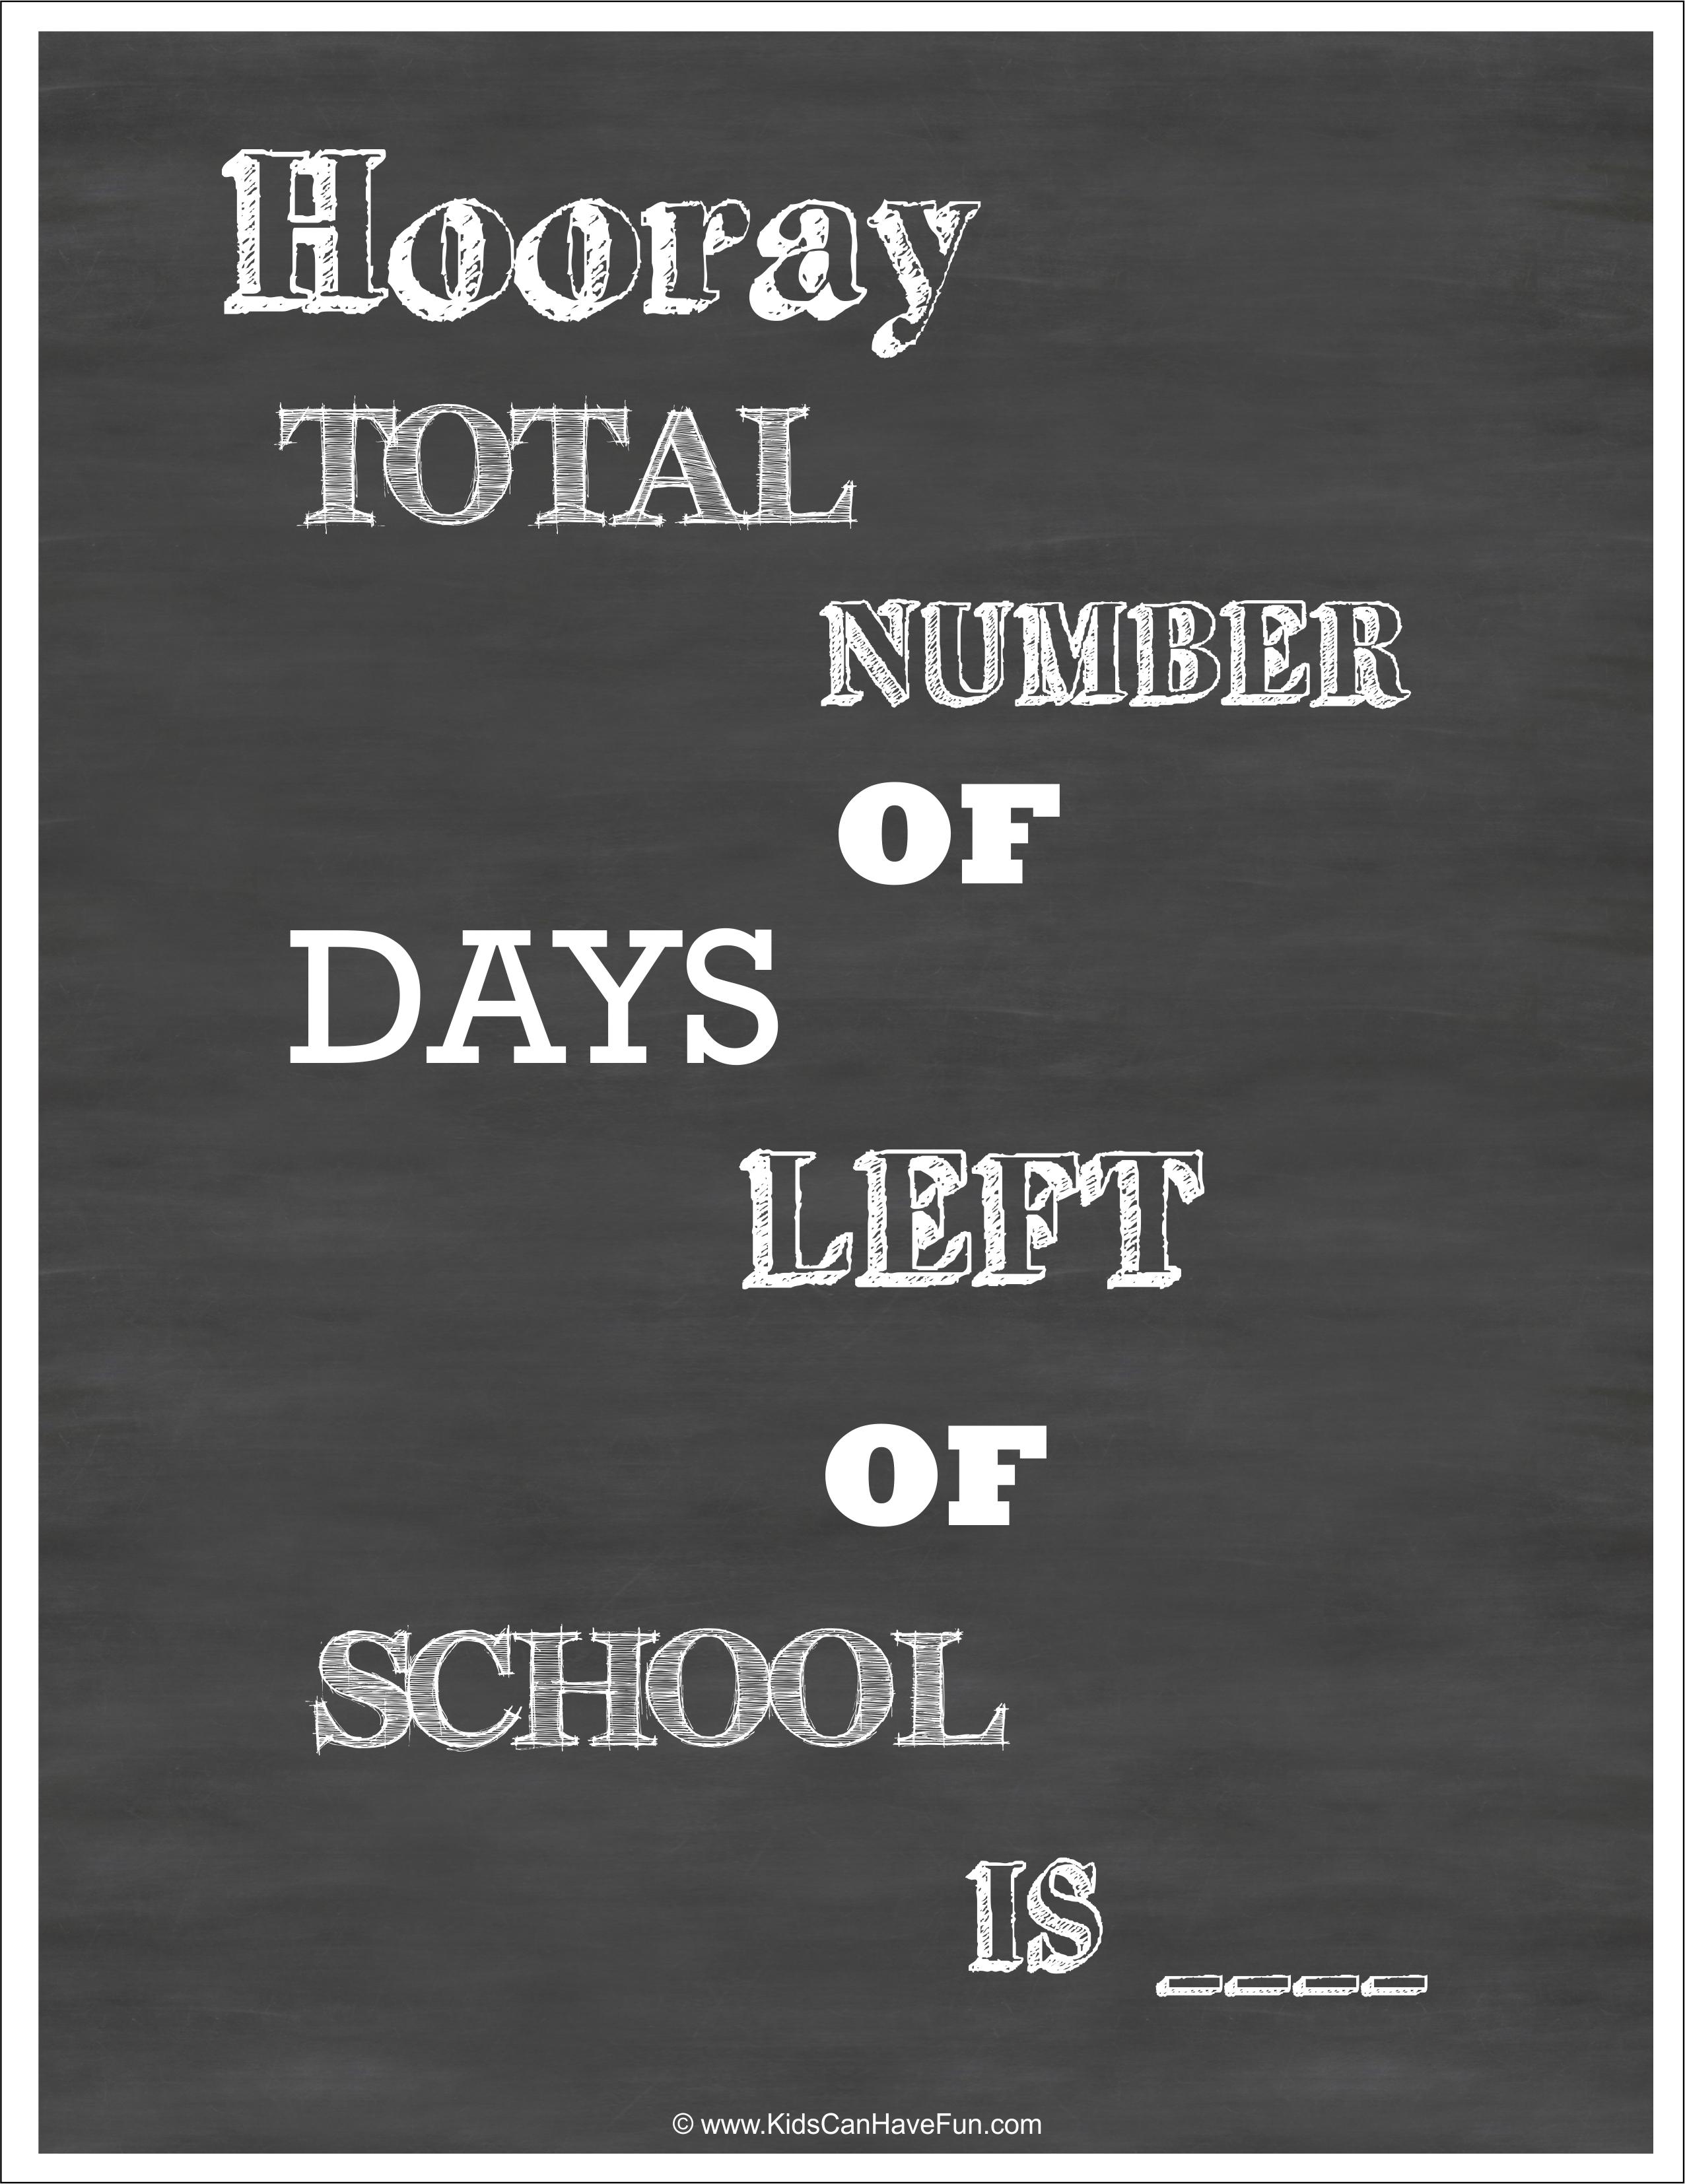 Download Dskp Matematik Tingkatan 4 Meletup Link Download Countdown Poster Yang Hebat Dan Boleh Di Lihat